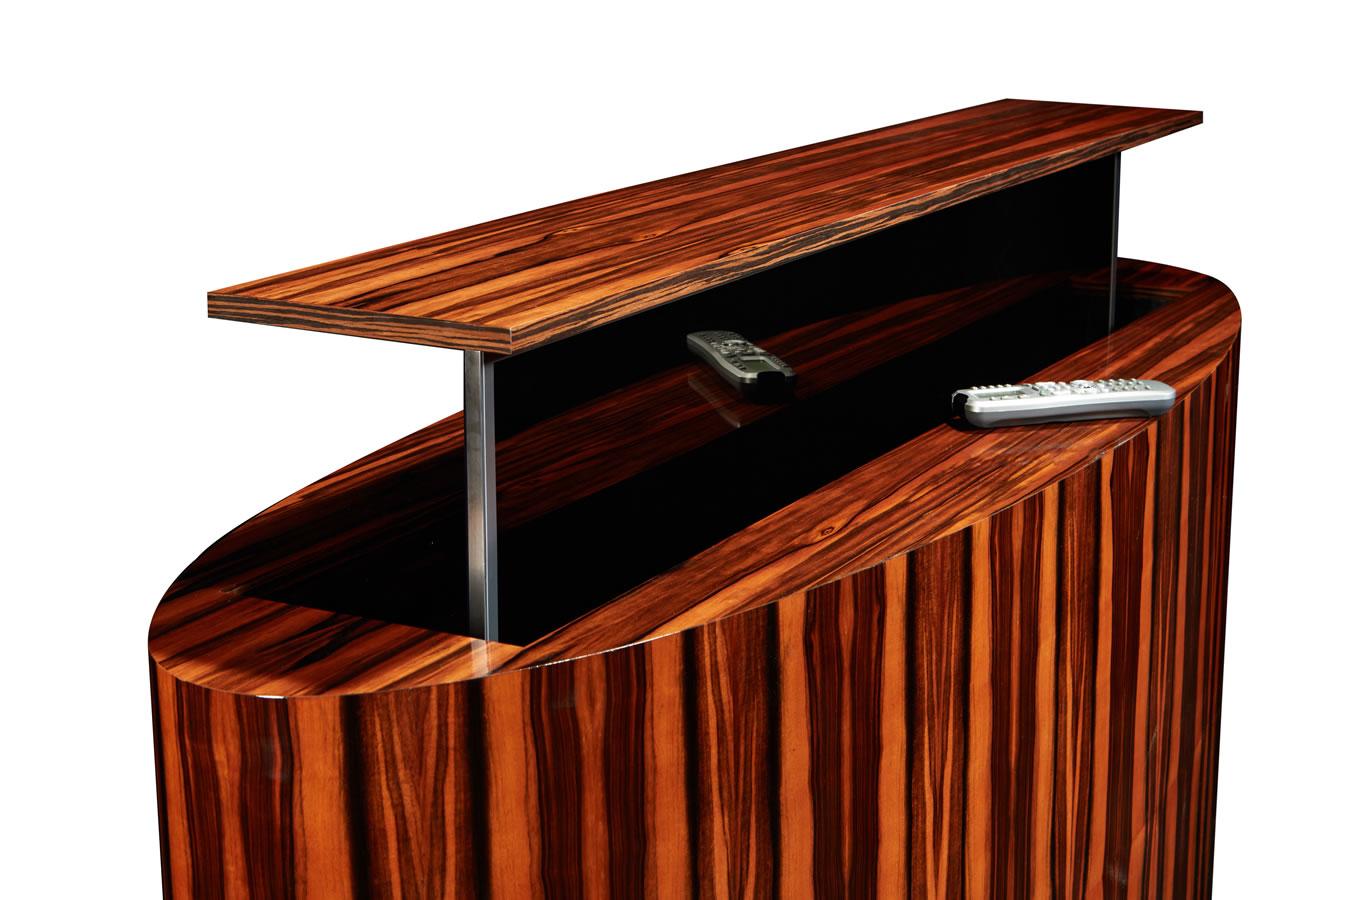 motorized tv lift cabinet atlantis tv lift cabinet. Black Bedroom Furniture Sets. Home Design Ideas